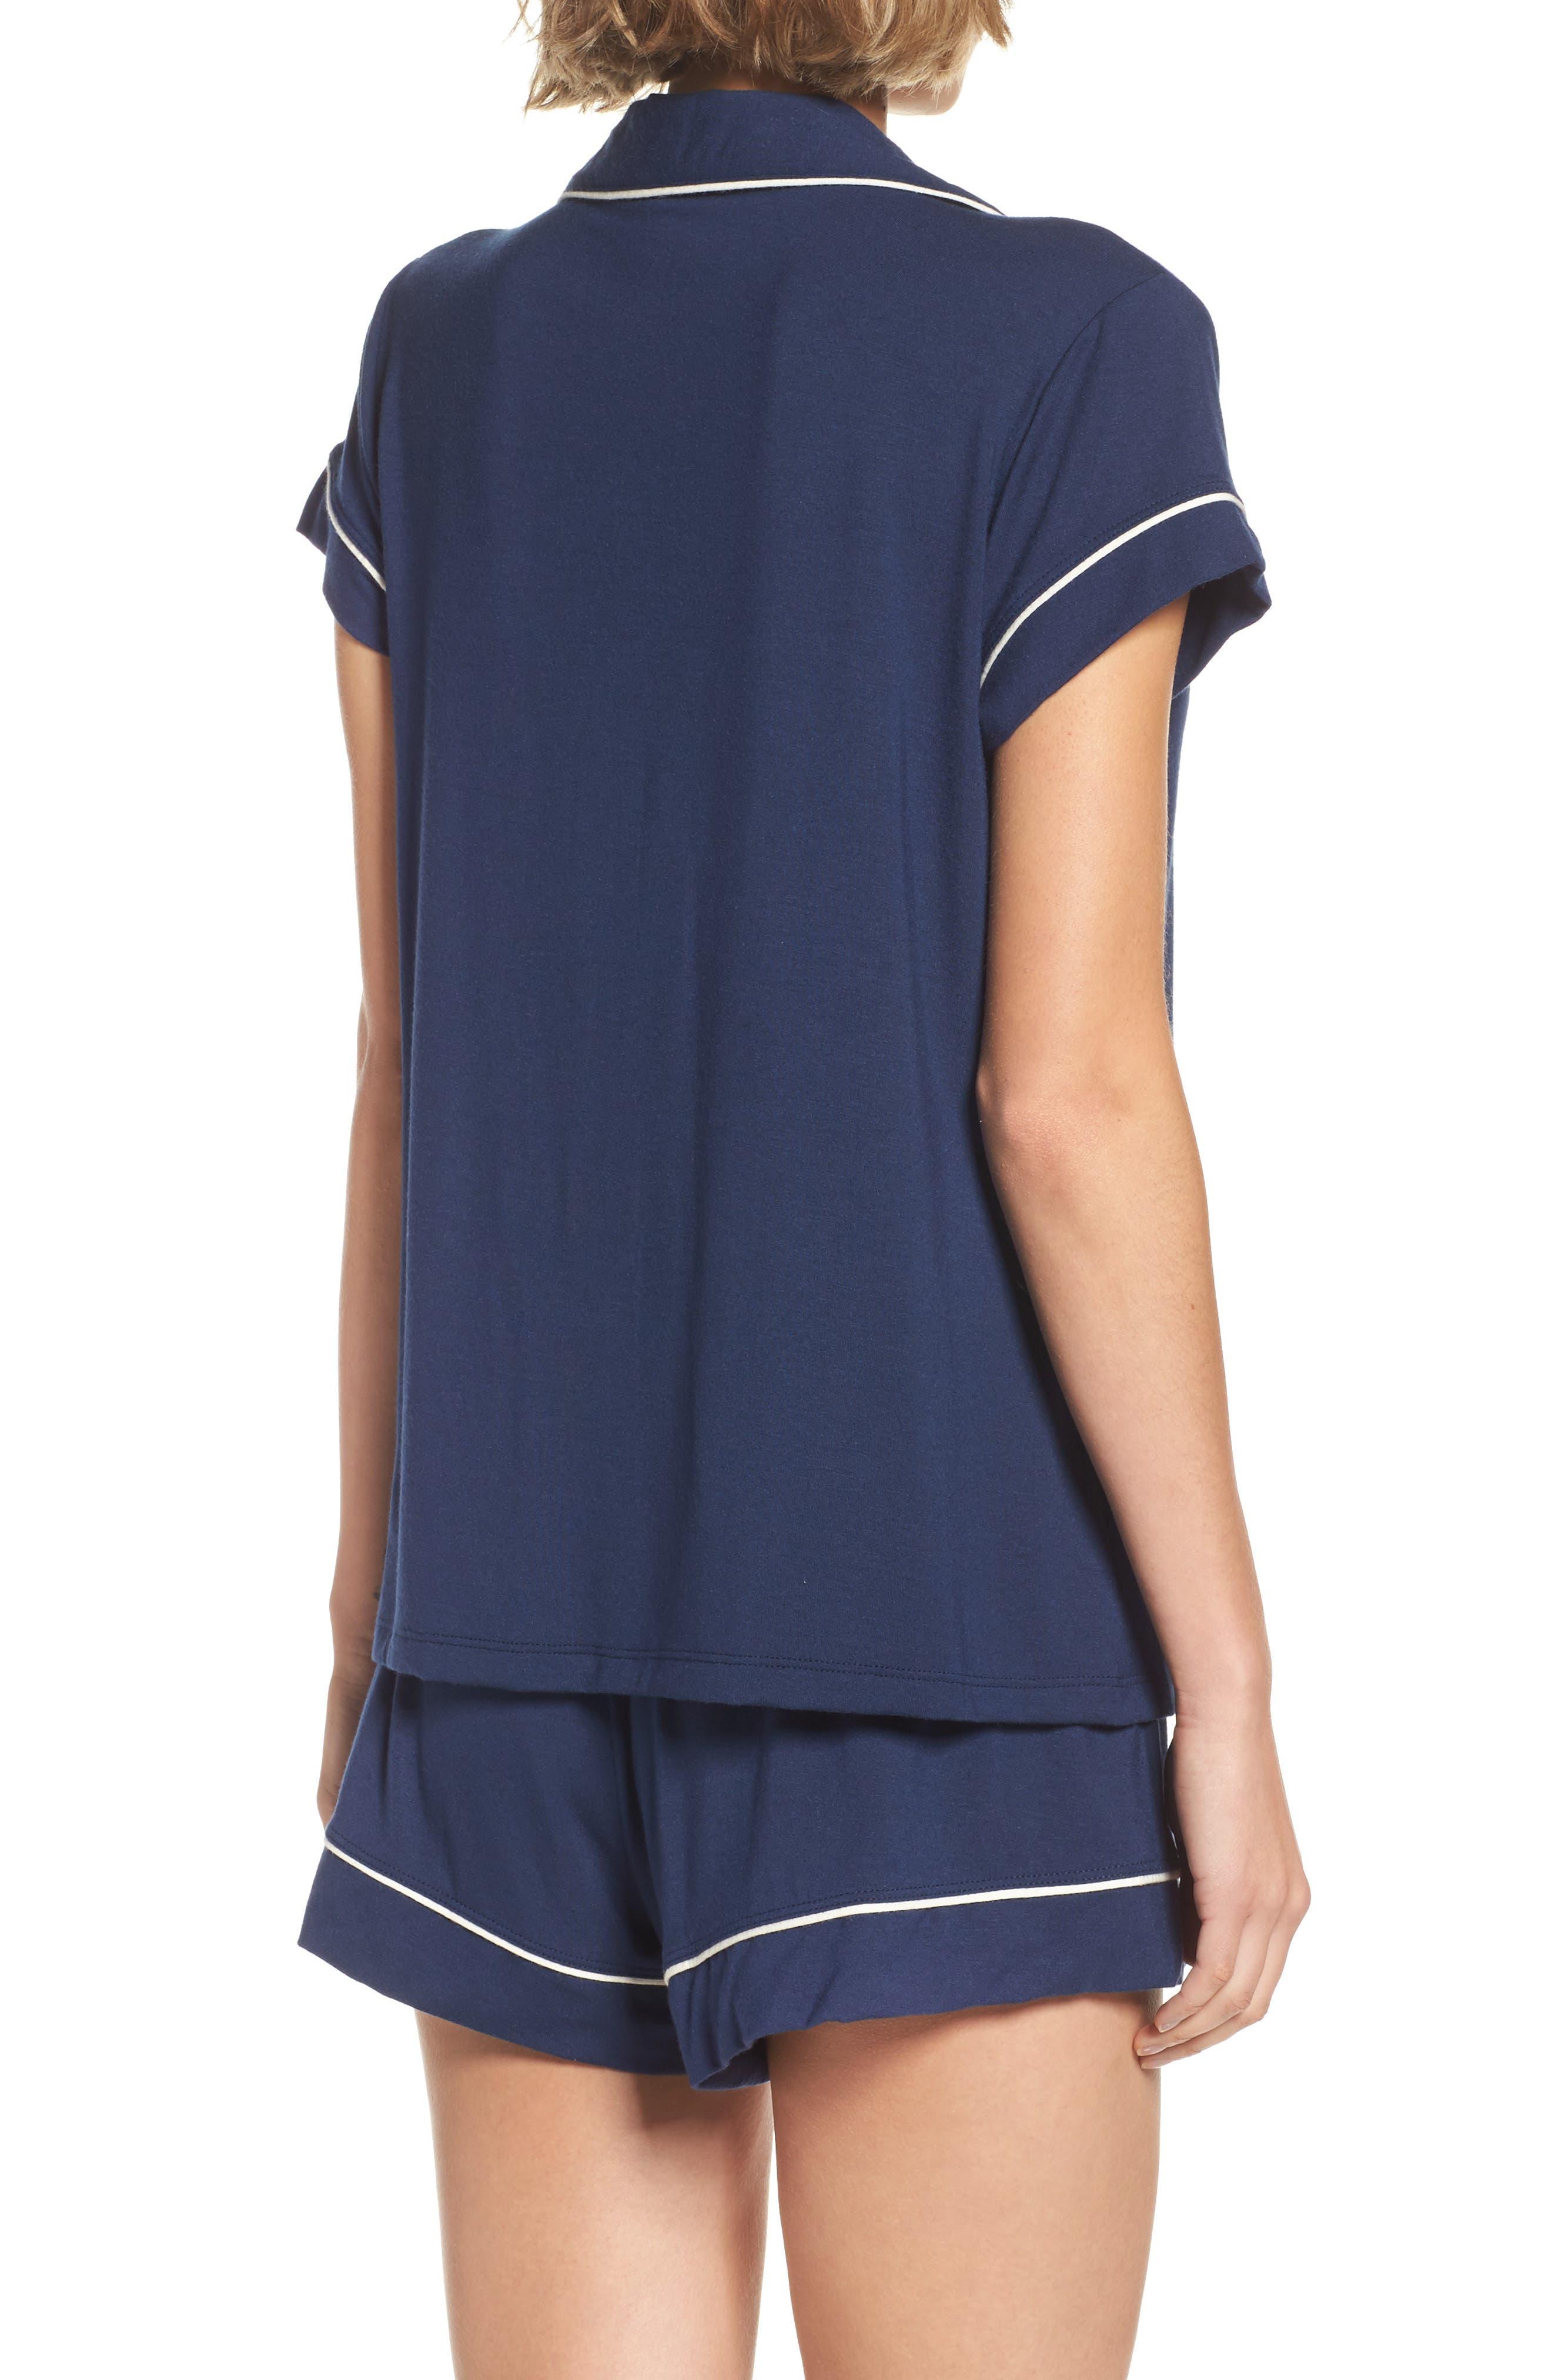 Alternate Image 2  - Eberjey 'Gisele' Shorty Pajamas